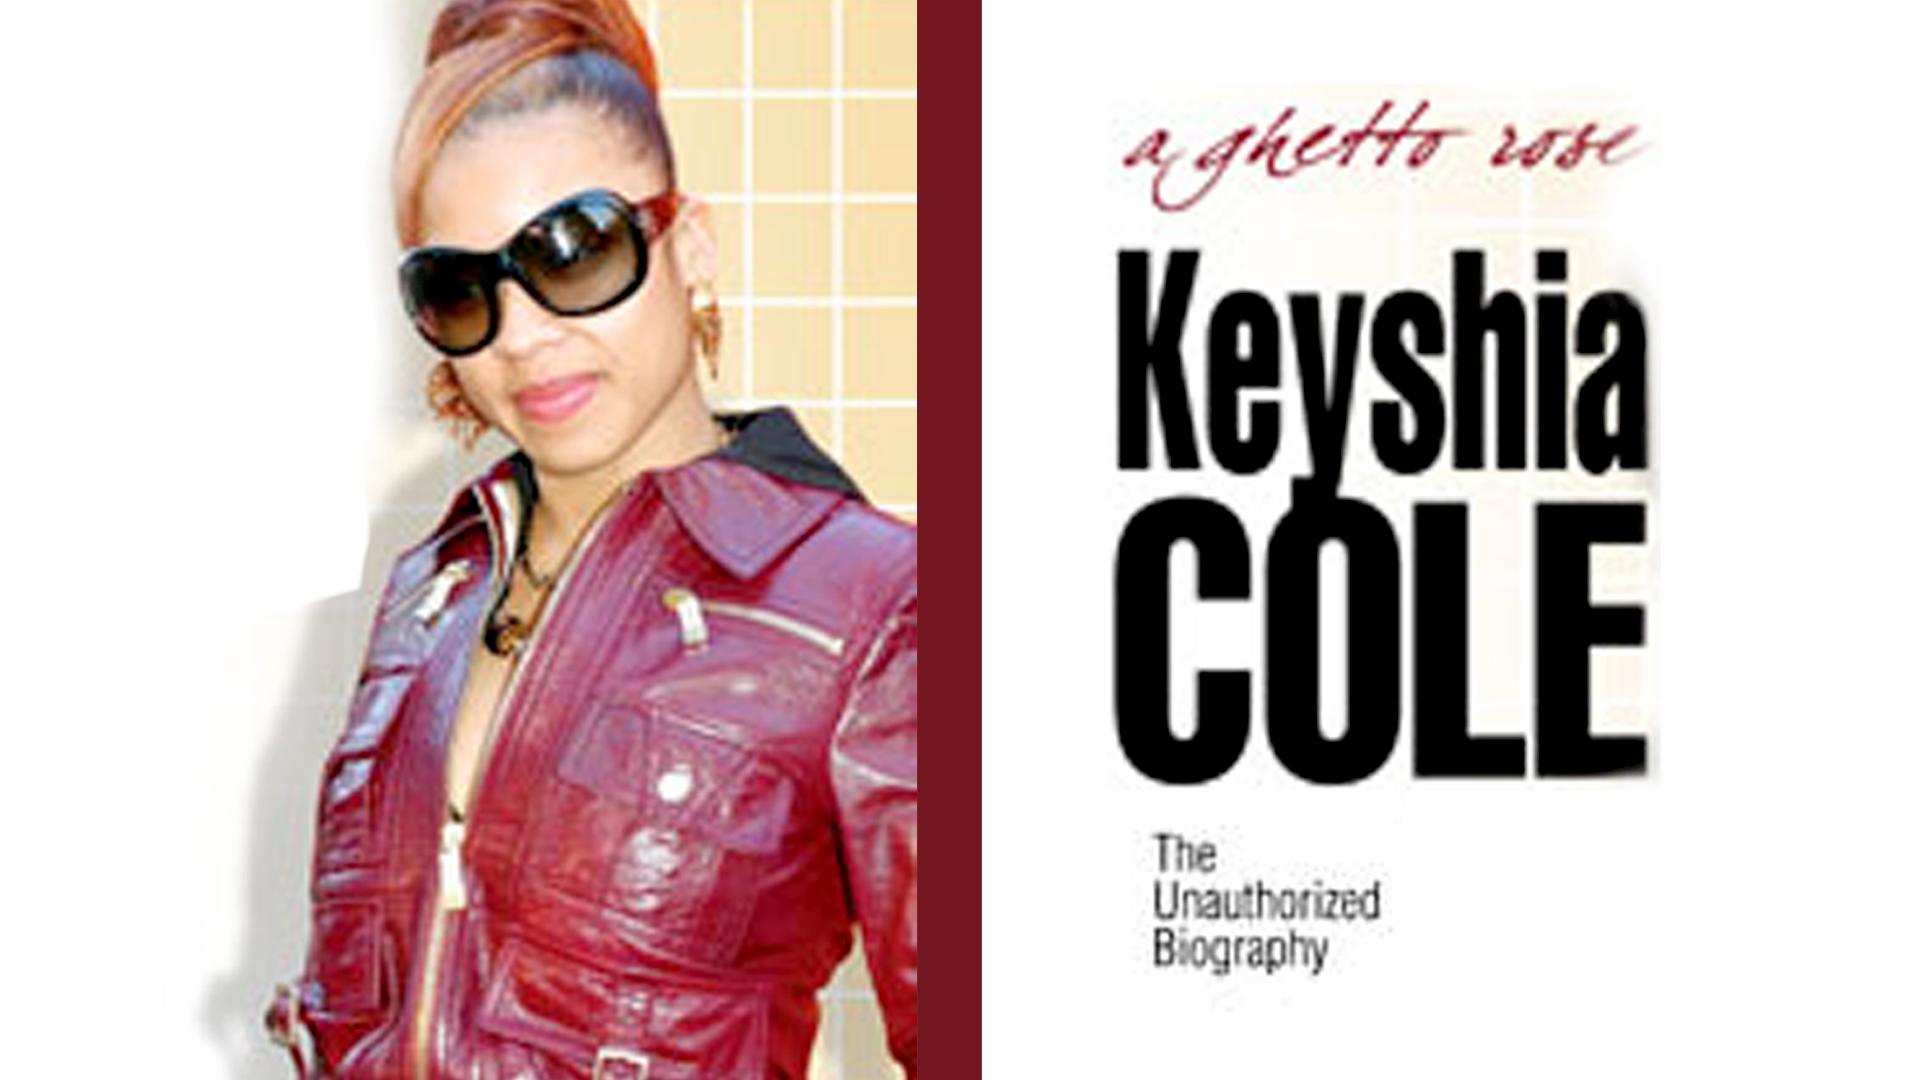 Keyshia Cole - A Ghetto Rose